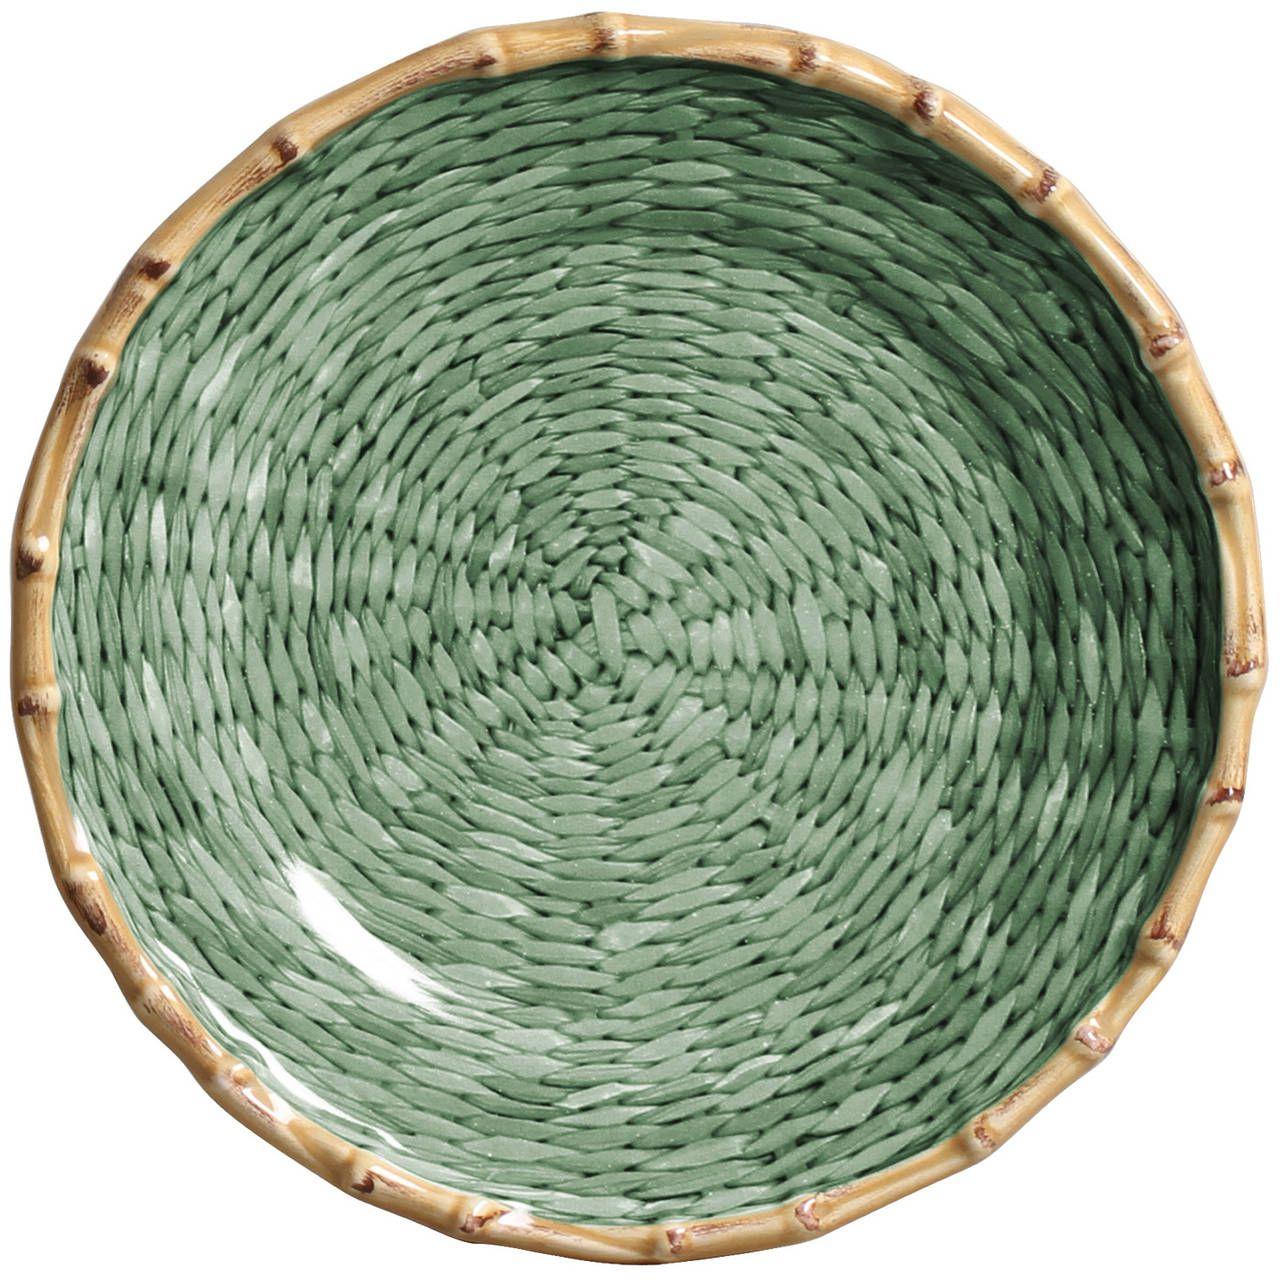 Prato Sobremesa Corda Fina Verde (06 Unidades) Cód.: 6219 - MB